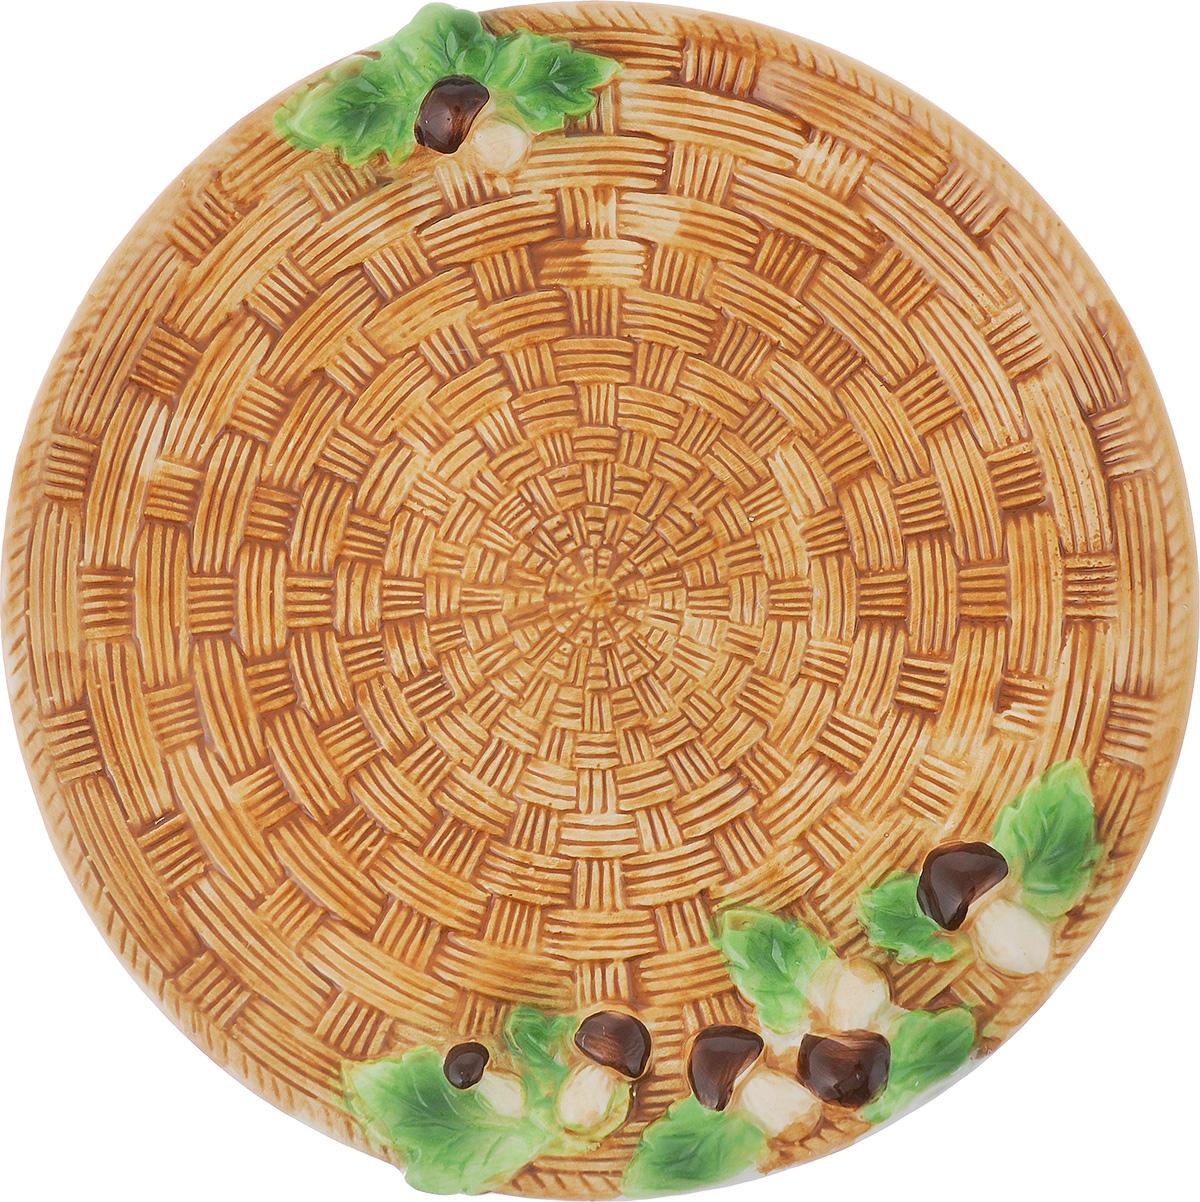 Блюдо сервировочное Elan Gallery Грибы, диаметр 28 см110707Круглое блюдо Elan Gallery Грибы изготовлено из высококачественной керамики в виде плетеной тарелки с изящными фигурками грибов, расположенными на краях изделия. Блюдо - необходимая вещь при застолье. Вы можете использовать его для закусок, сырной нарезки, колбасных изделий и, конечно, горячих блюд. Изумительное сервировочное блюдо станет изысканным украшением вашего праздничного стола. Диаметр блюда по верхнему краю: 28 см.